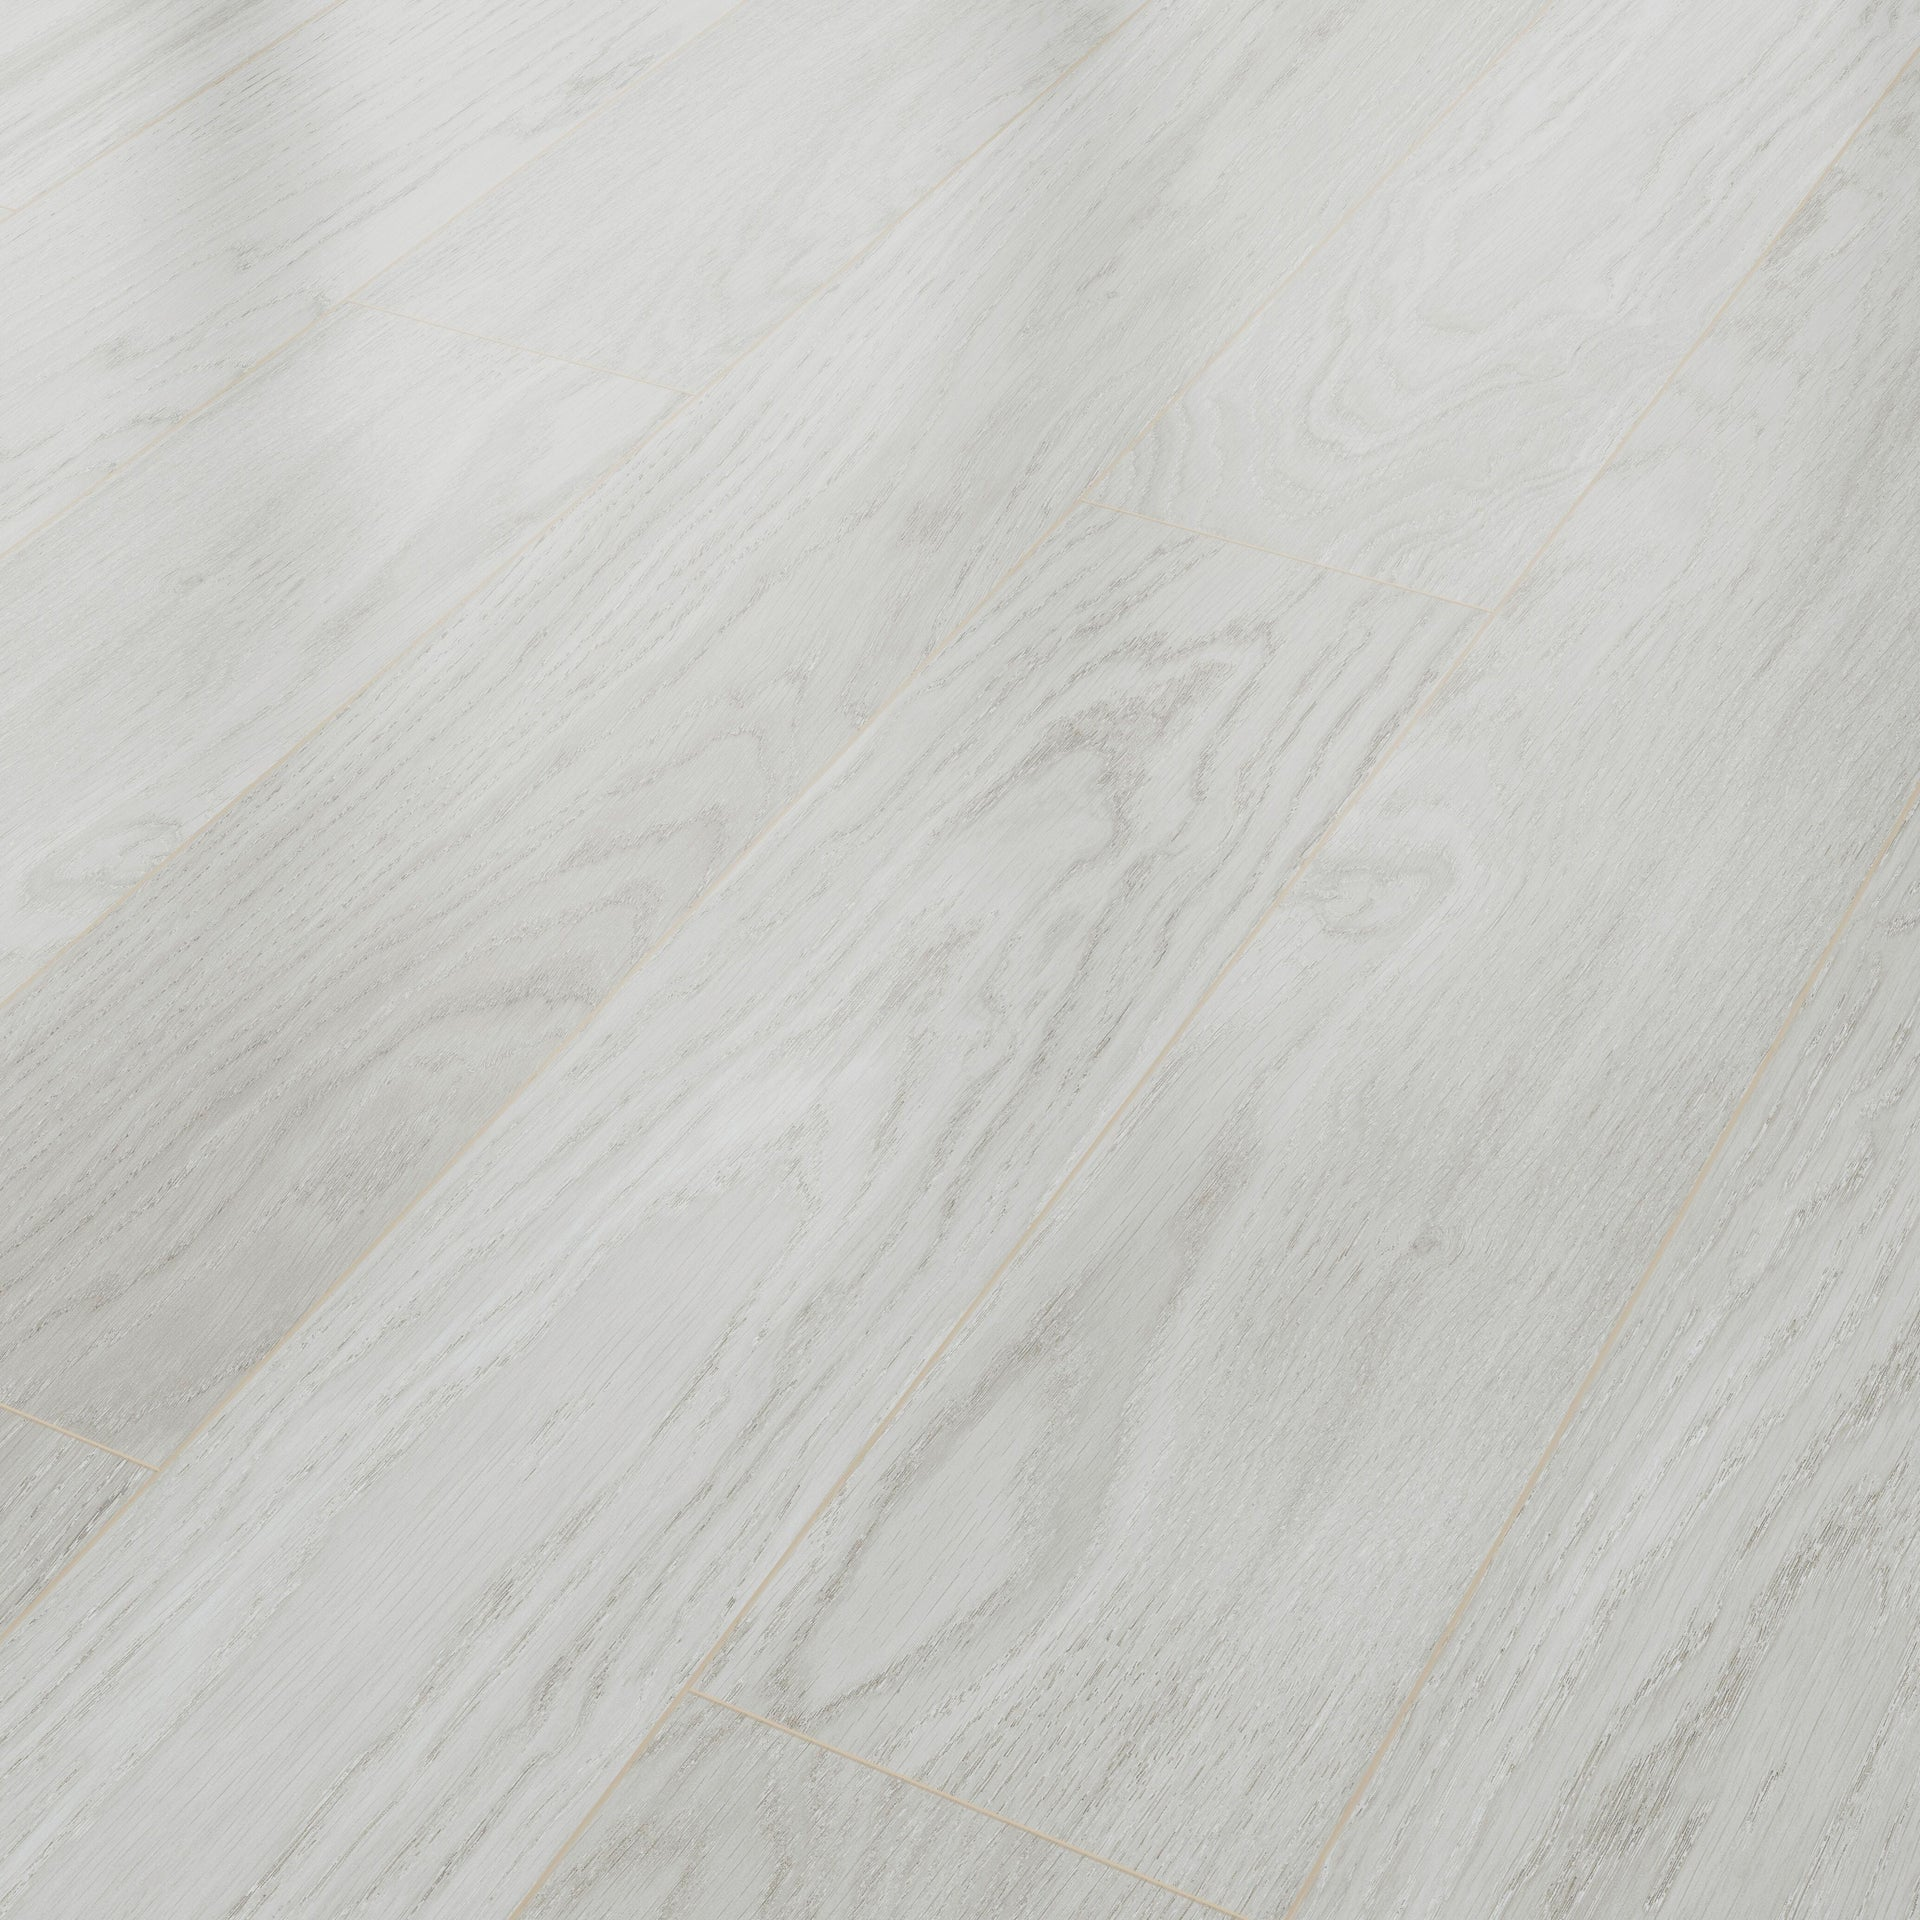 Pavimento SPC flottante clic+ Pietra Nova Cheesecake Sp 4.5 mm beige - 4